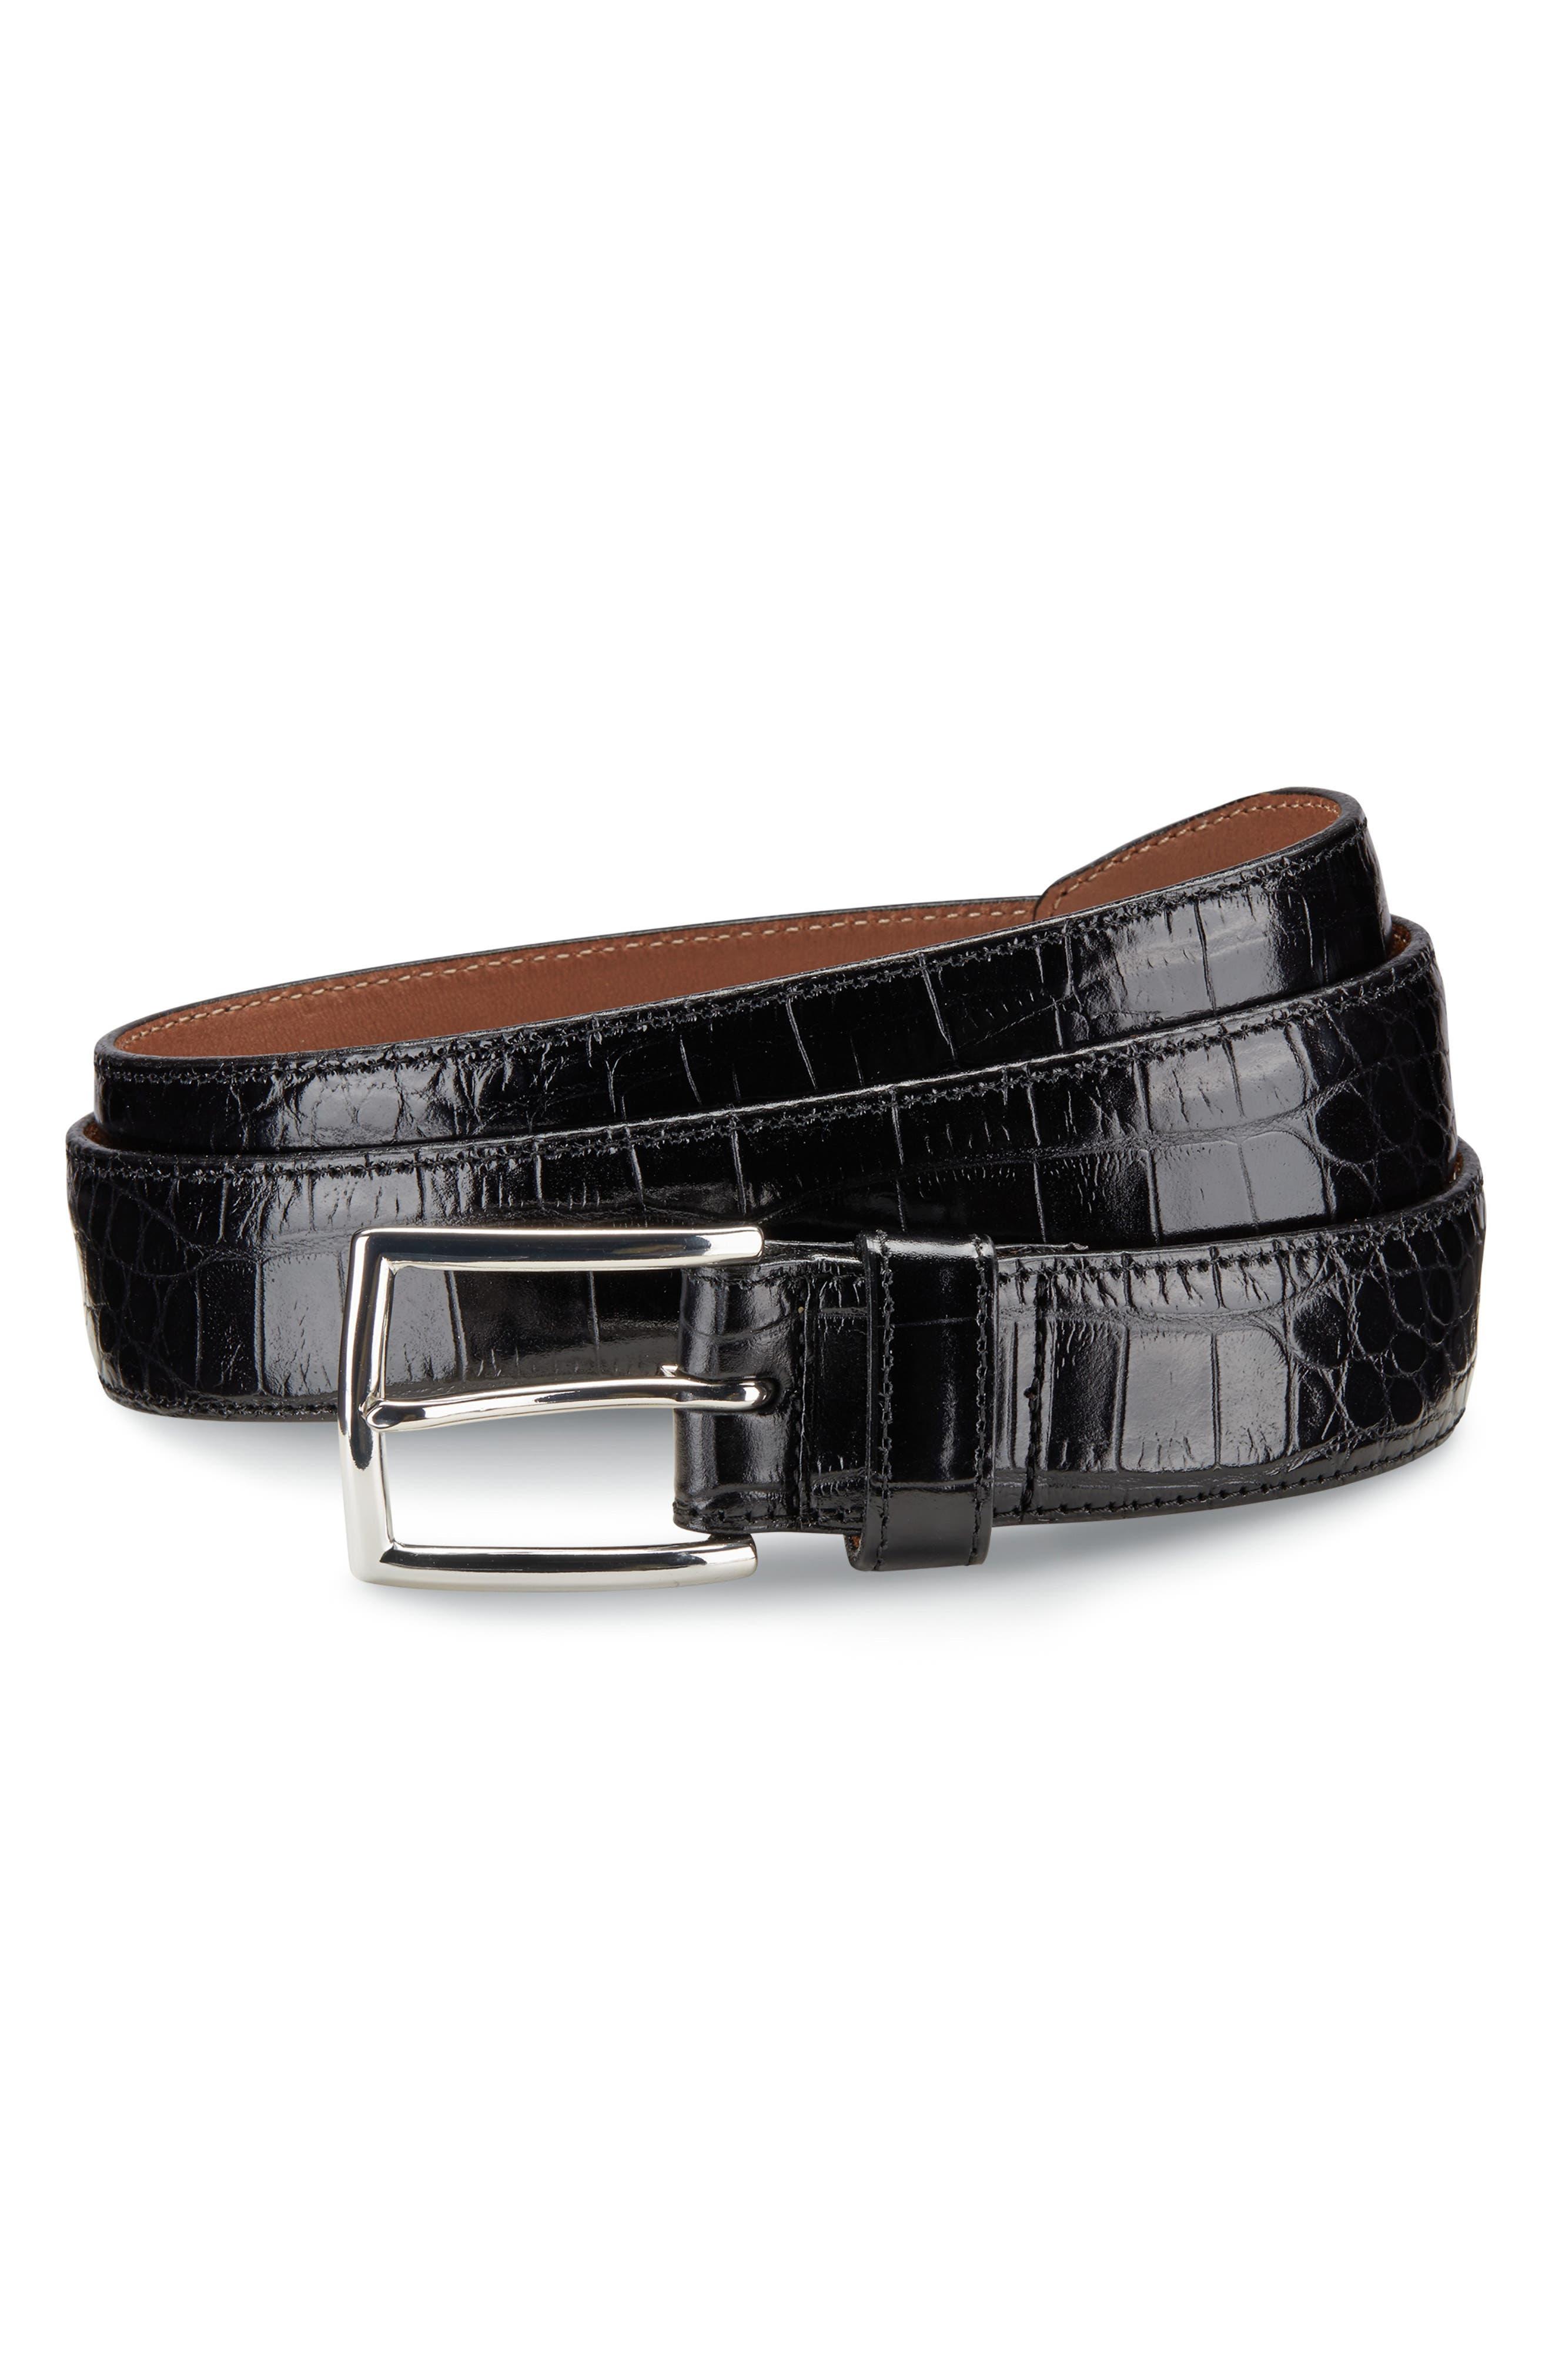 ALLEN EDMONDS, Everglade Avenue Leather Belt, Main thumbnail 1, color, BLACK